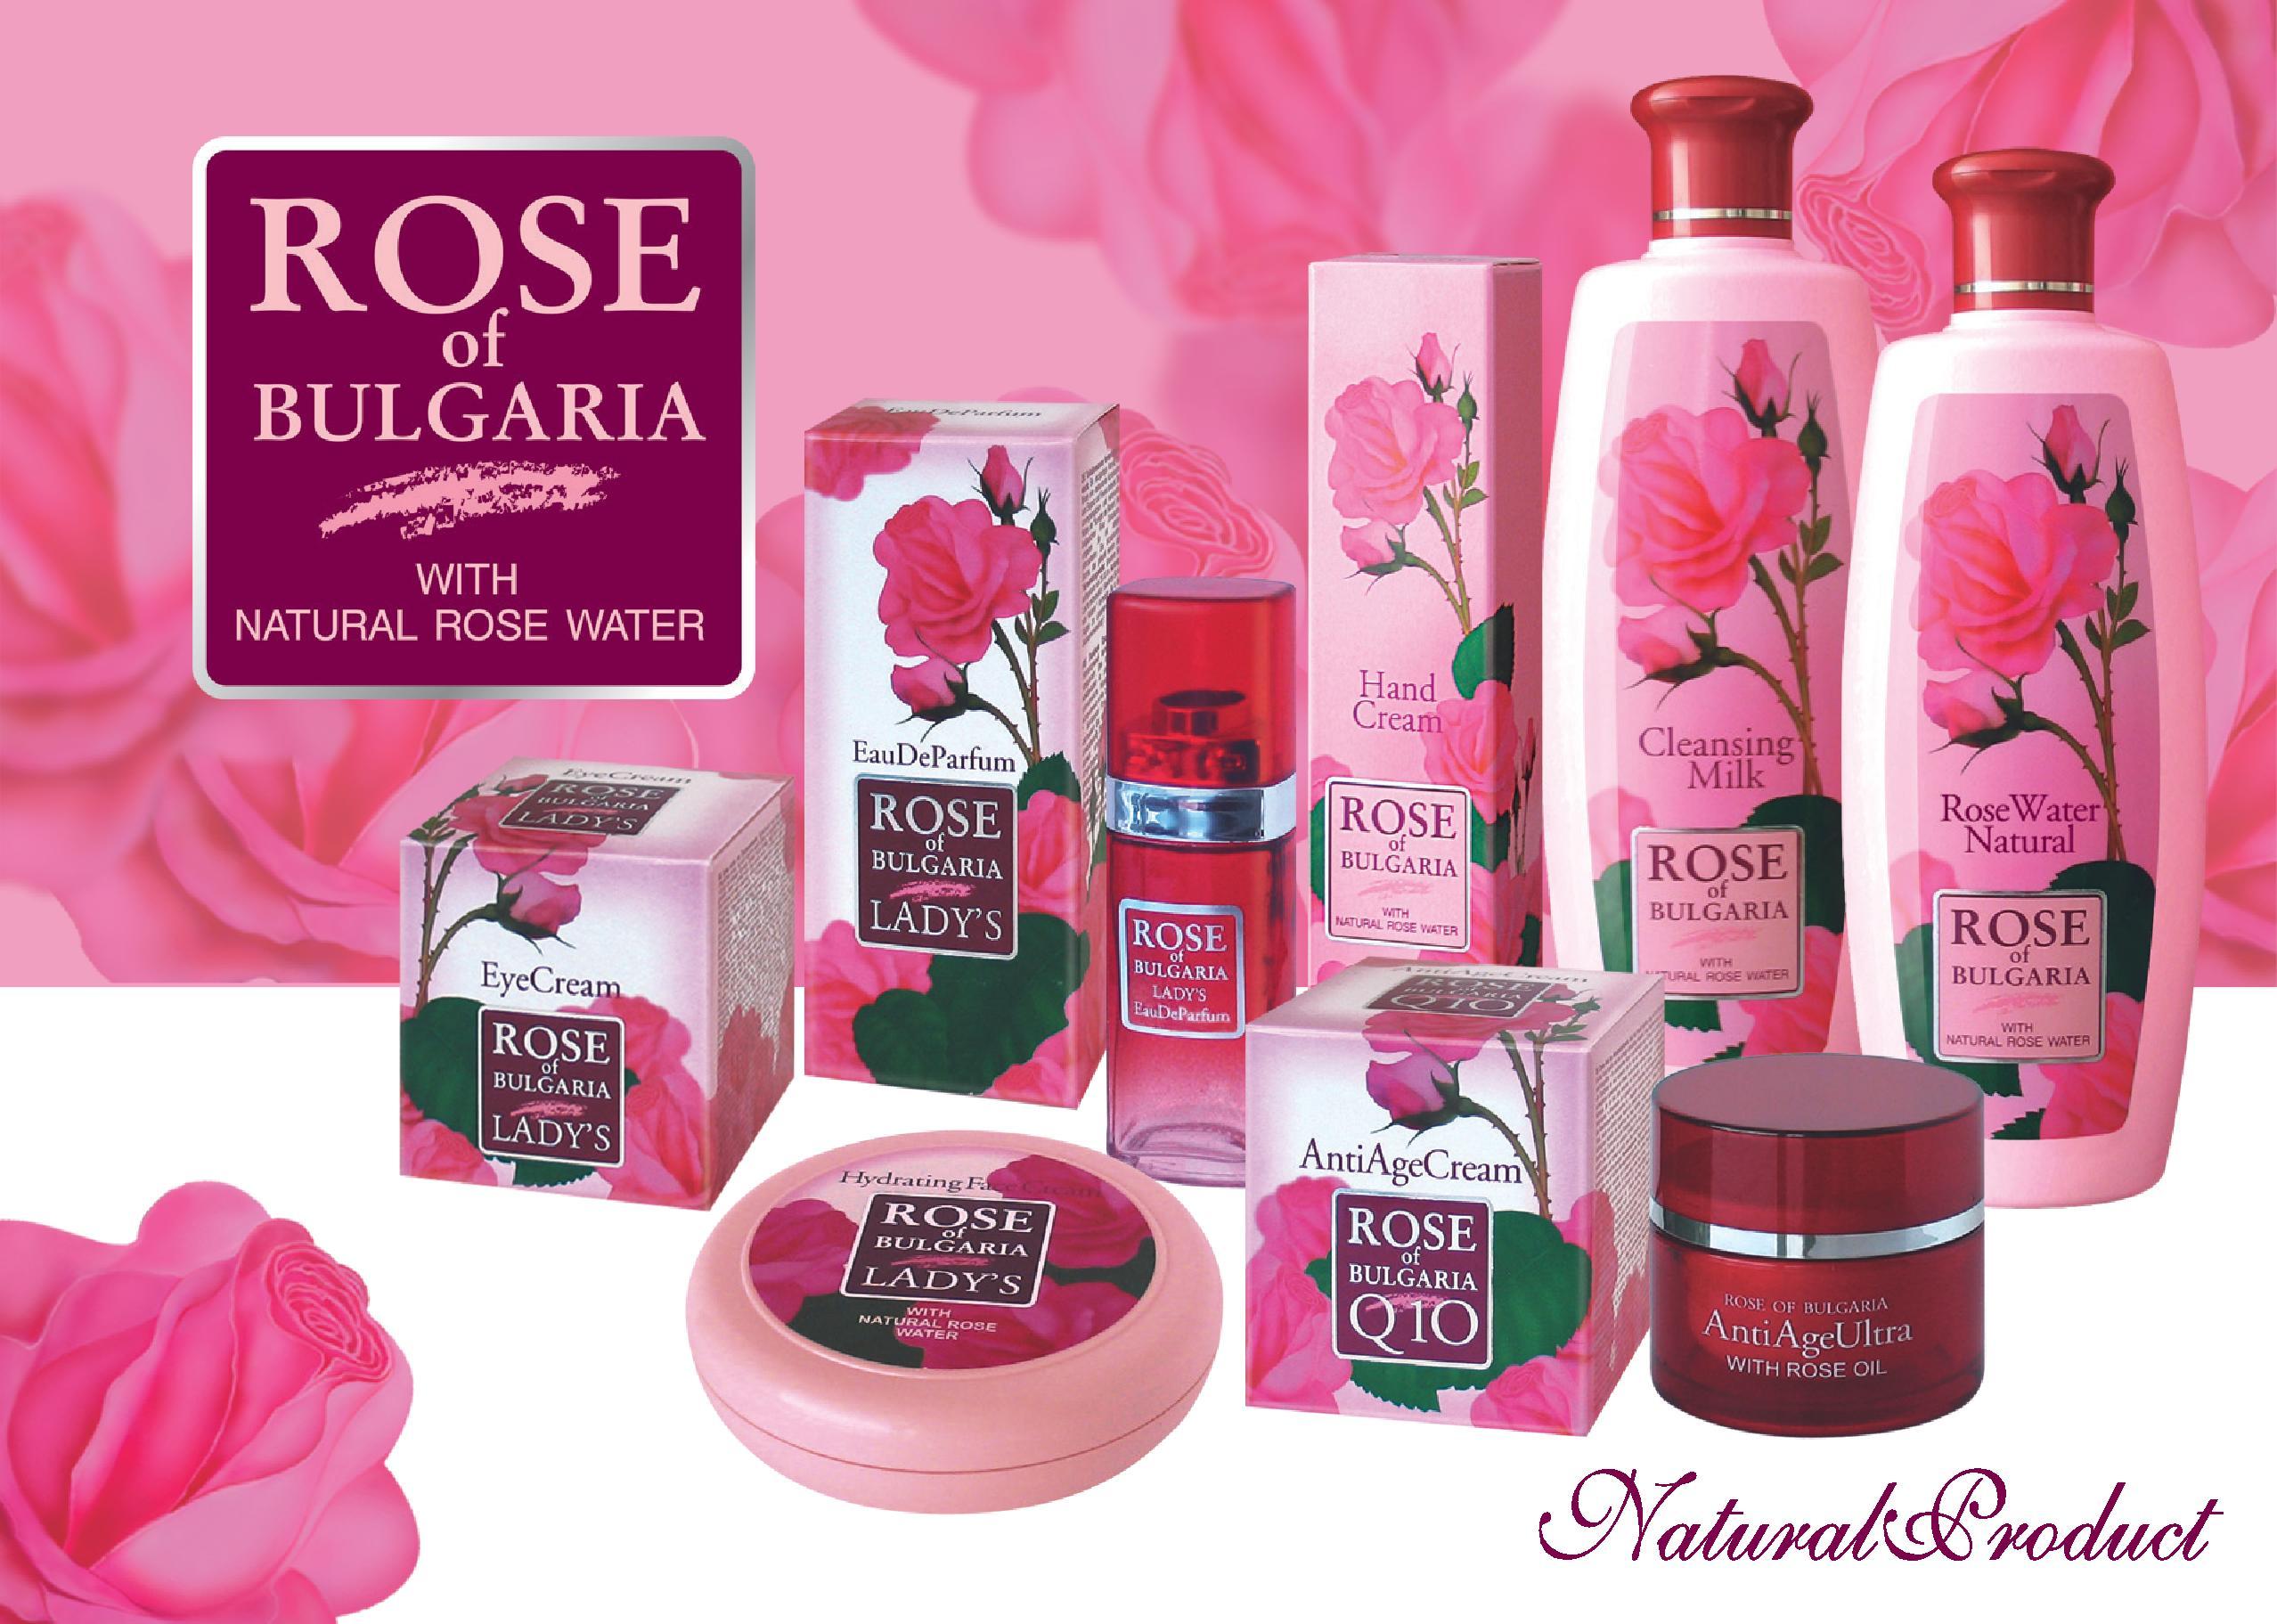 Сбор заказов. Золото природы для Вашей красоты. 100% натуральная косметика из сердца Болгарии на основе масел розы, лаванды, оливы. Продолжение большой распродажи, скидки от 50%